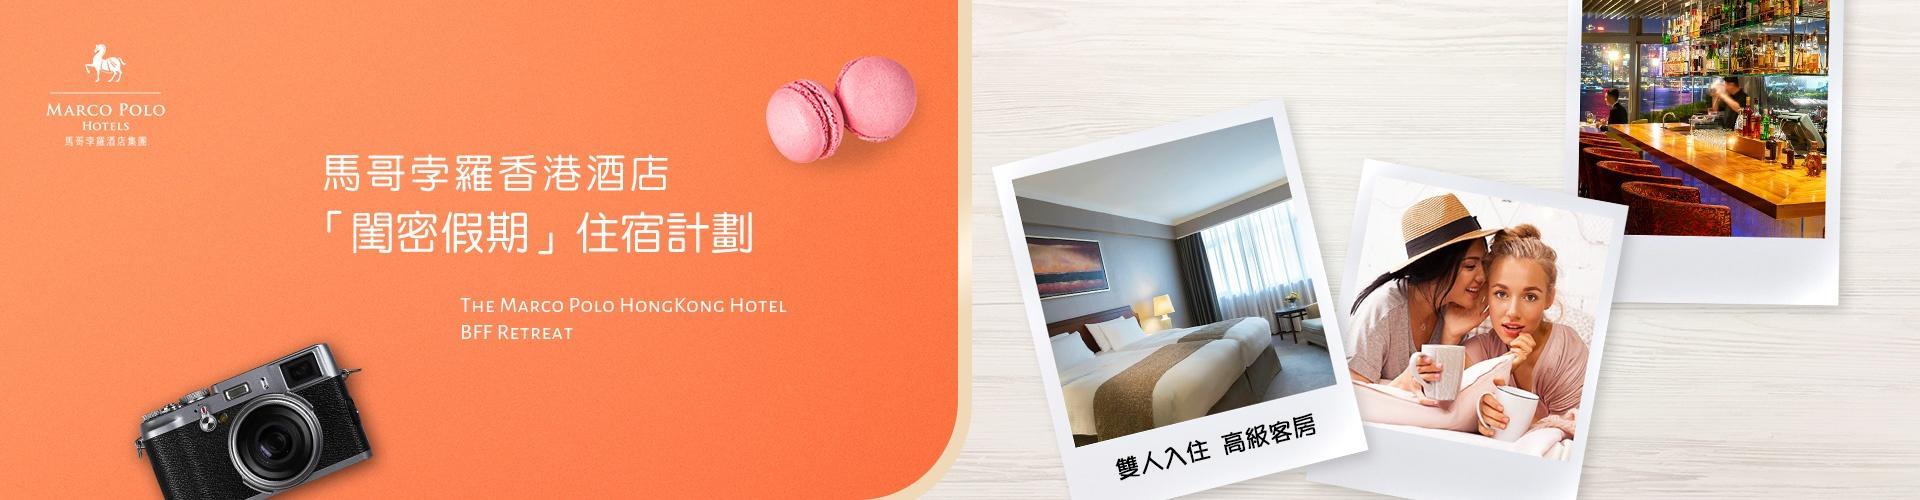 馬哥孛羅香港酒店「閨密假期」住宿套票